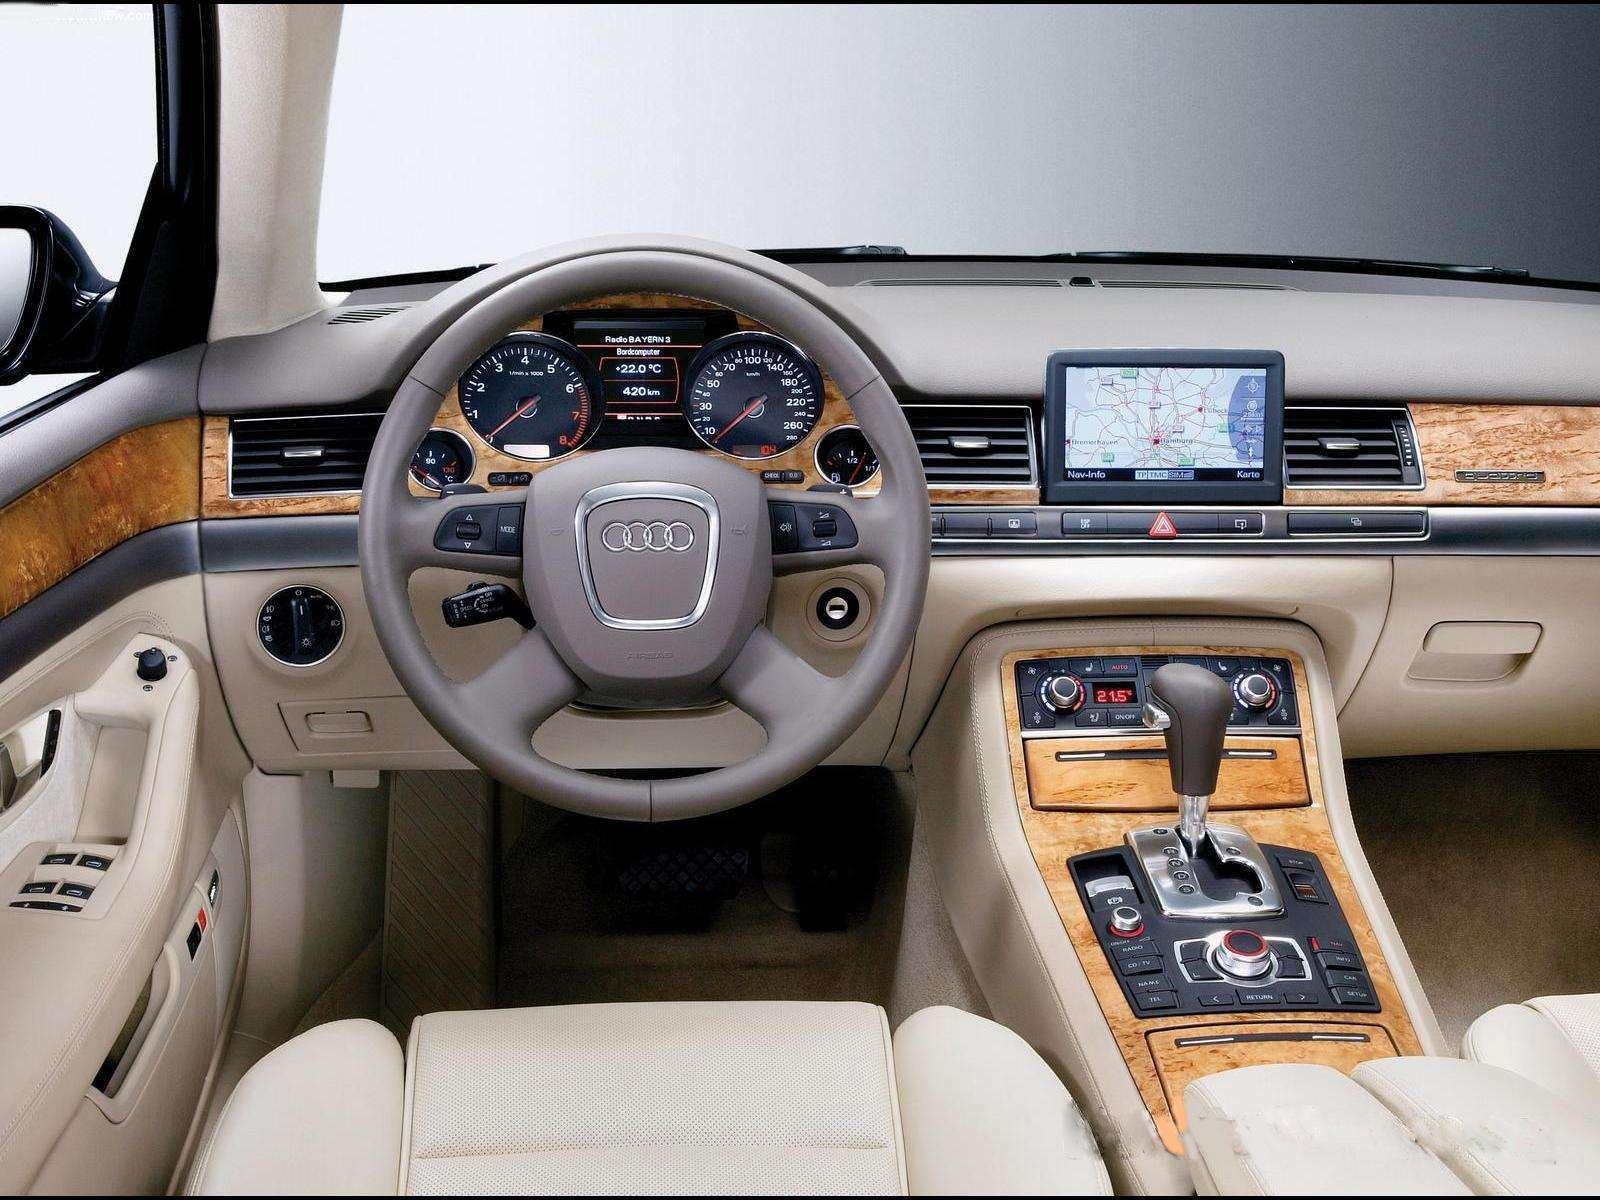 Audi a8 l 6 0 w12 quattro 2004 picture 3 of 5 rear angle image - Audi A8 L Interior